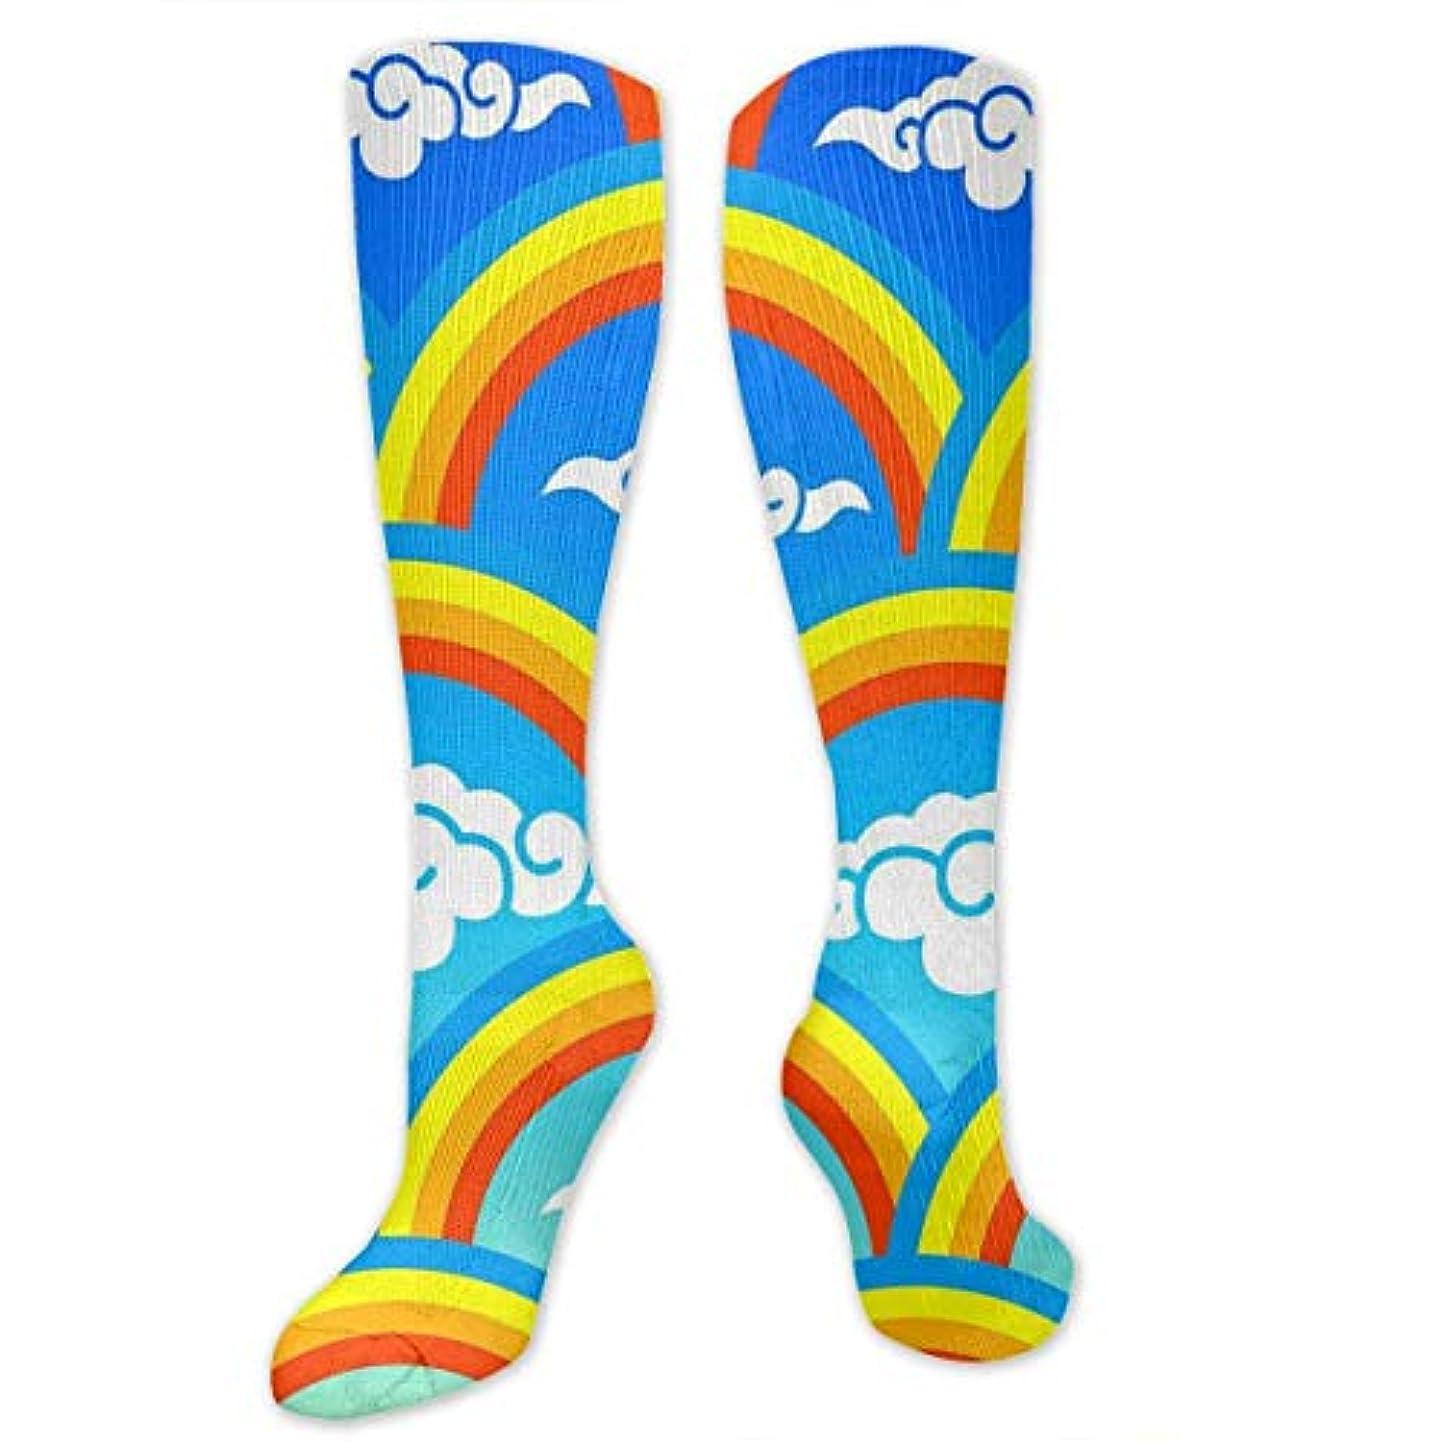 対処世界的に結紮靴下,ストッキング,野生のジョーカー,実際,秋の本質,冬必須,サマーウェア&RBXAA The Rainbow and Cloud Socks Women's Winter Cotton Long Tube Socks...